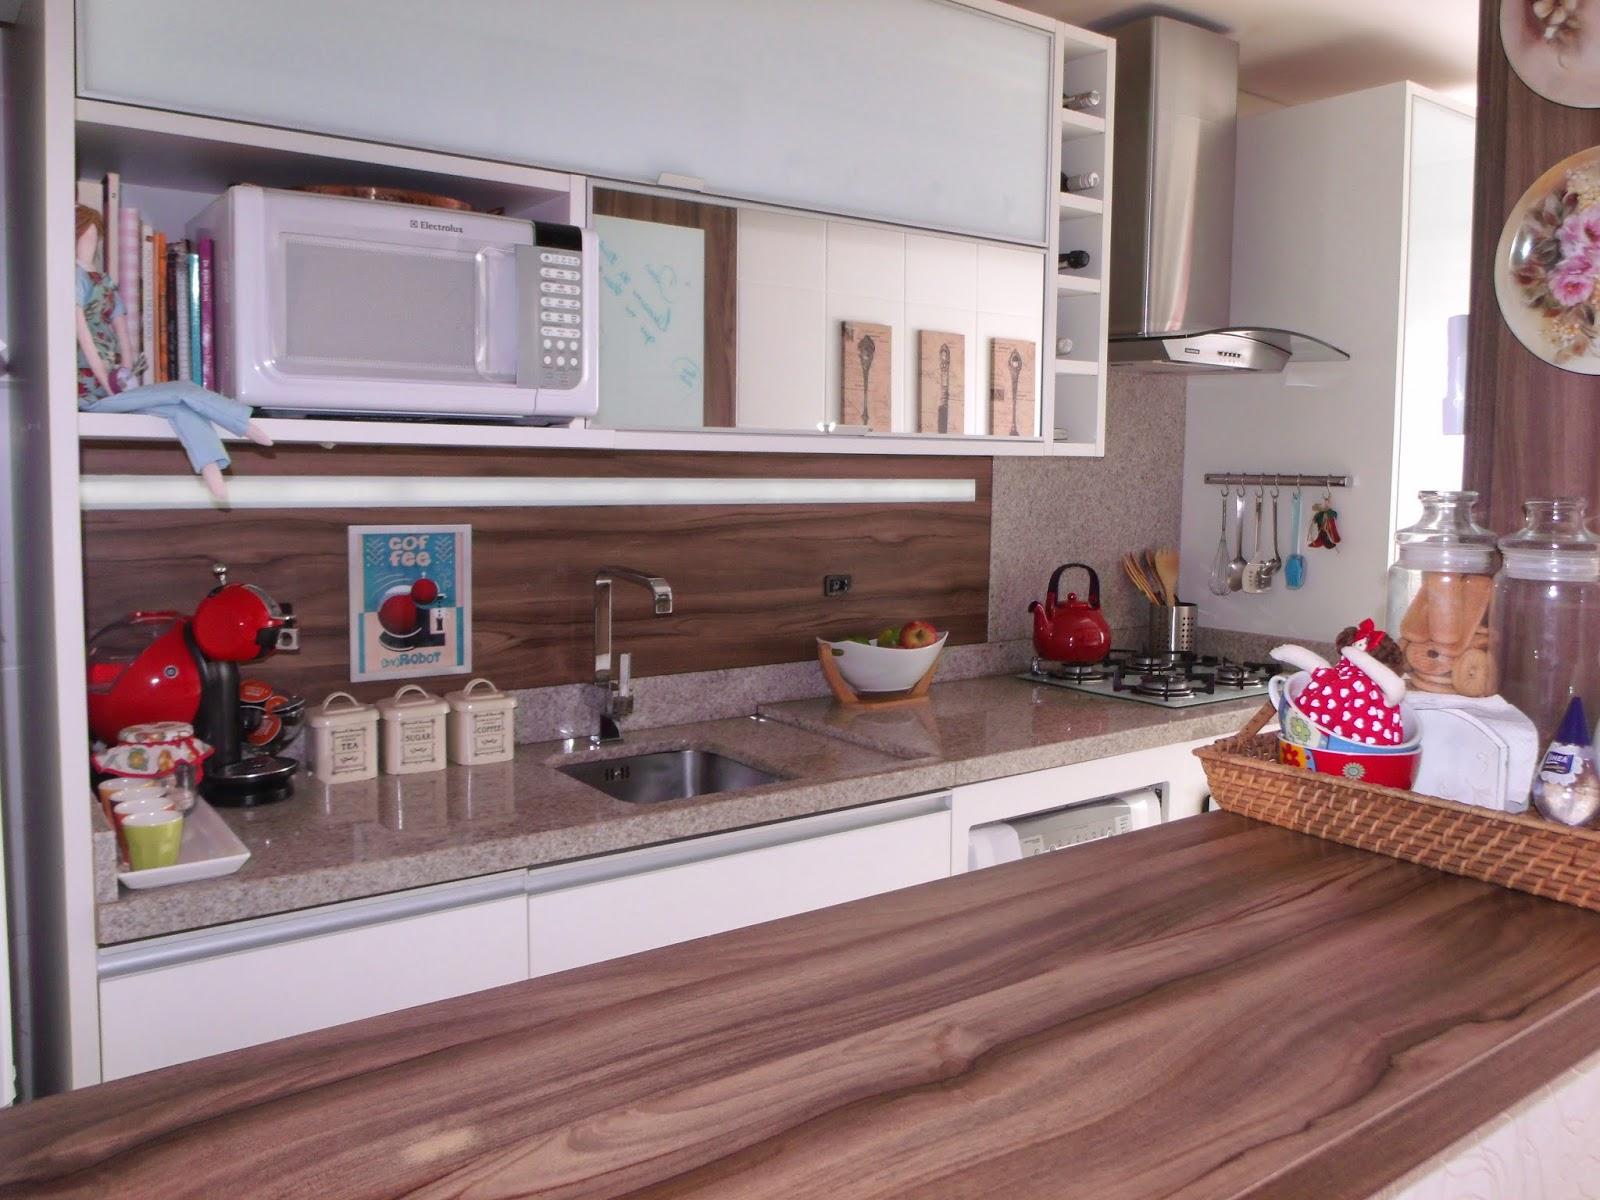 #6C4440 Tô Decorando por Jana Cassis!: Minha cozinha de cara nova! 1600x1200 px Nova Cozinha_1059 Imagens